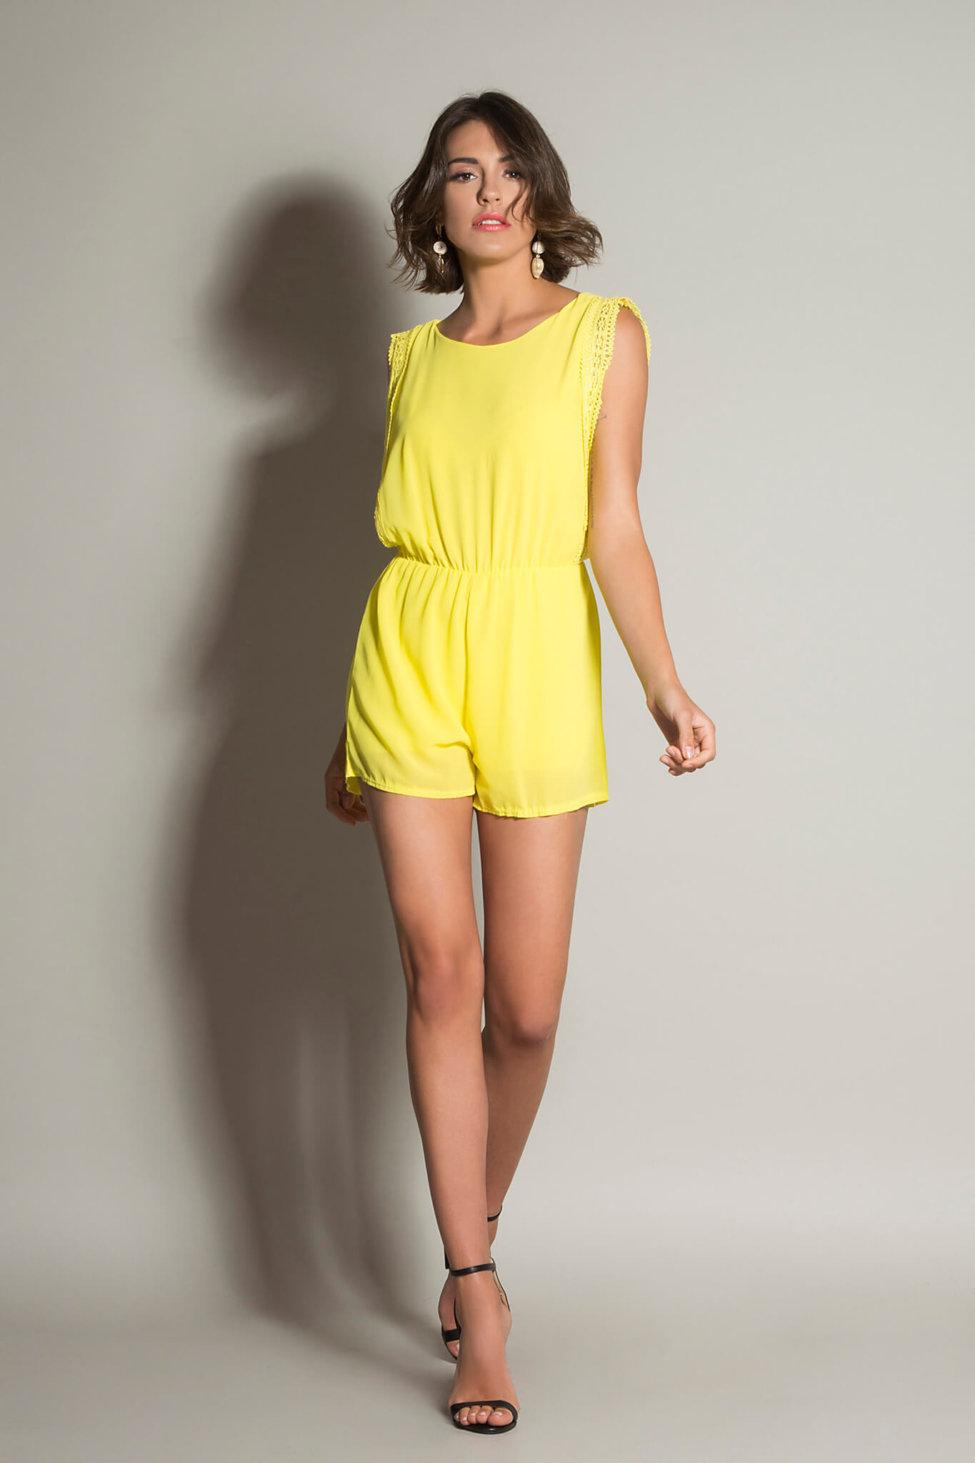 2a9a12f8f91 Kalenice ολόσωμη φόρμα (σορτς) κίτρινο